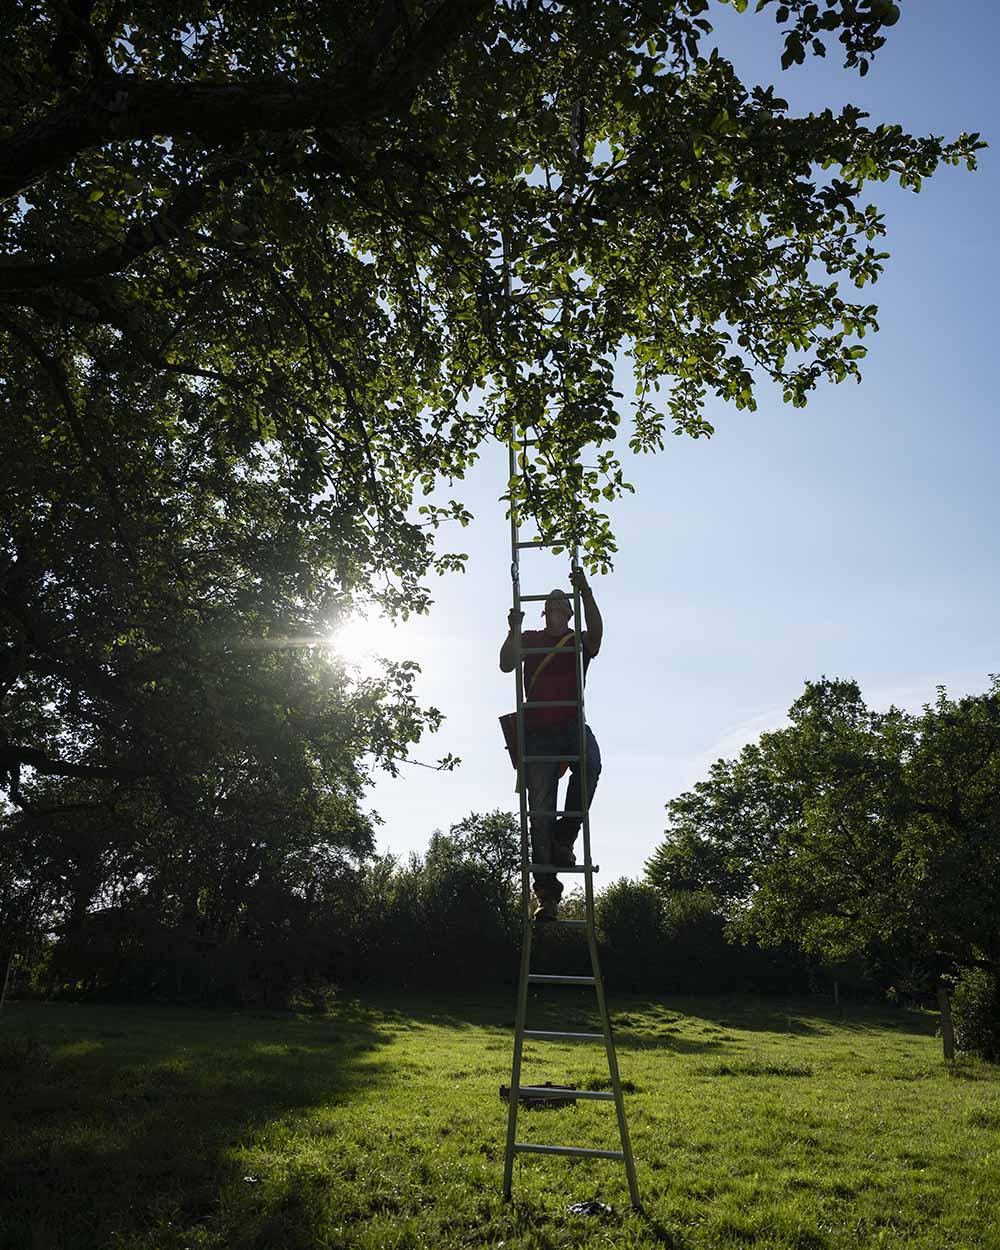 Henning Jahn klettert auf dem Gut Rtohenhausen auf einer hohen Leiter in einen Apfelbaum. Er erntet im September die alte Apfelsorte Fürst Blücher.